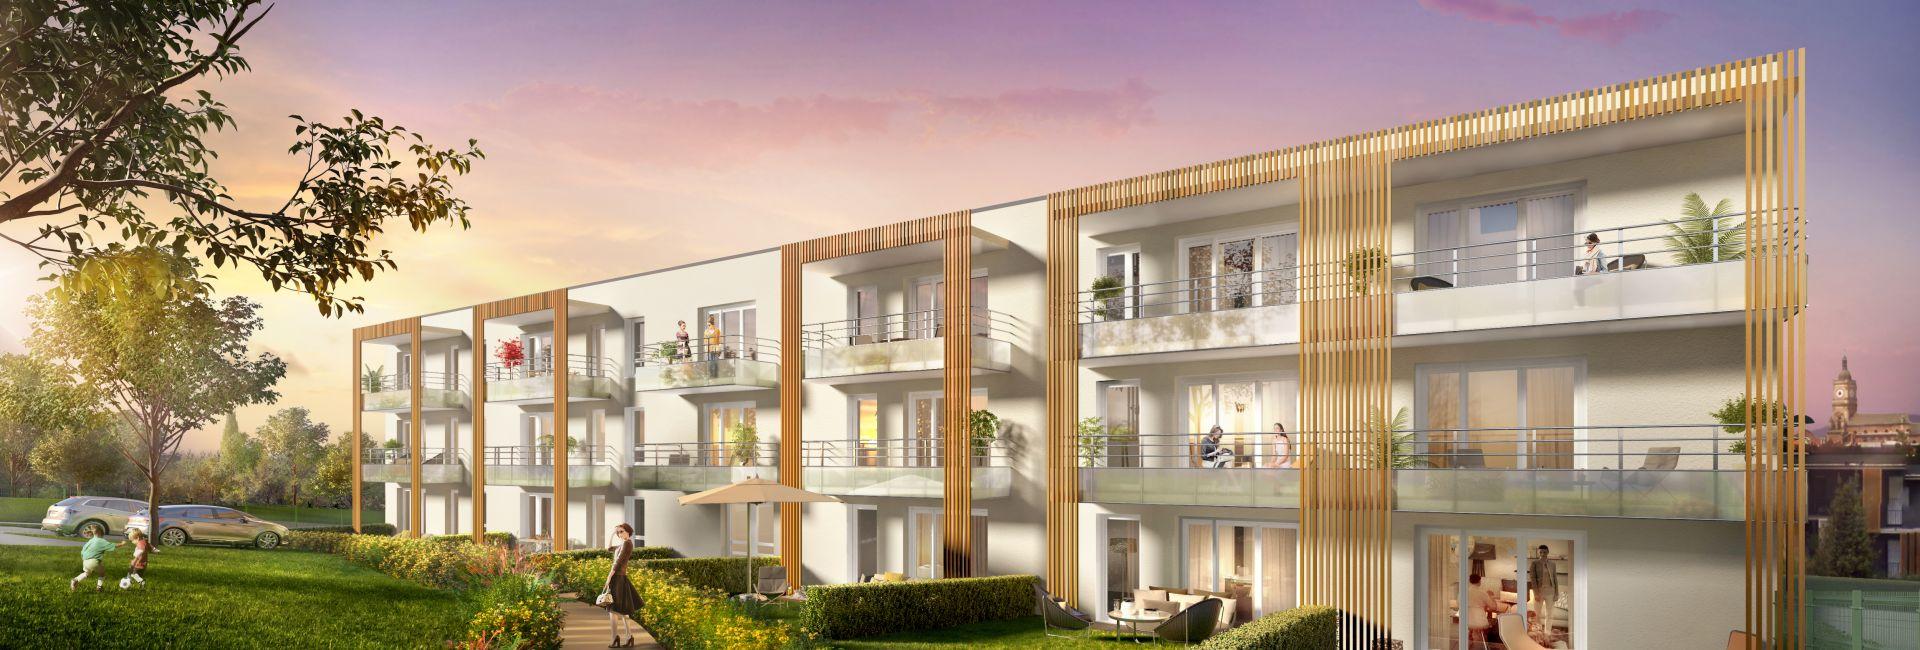 Programme immobilier les terrasses de montgré - Image 1